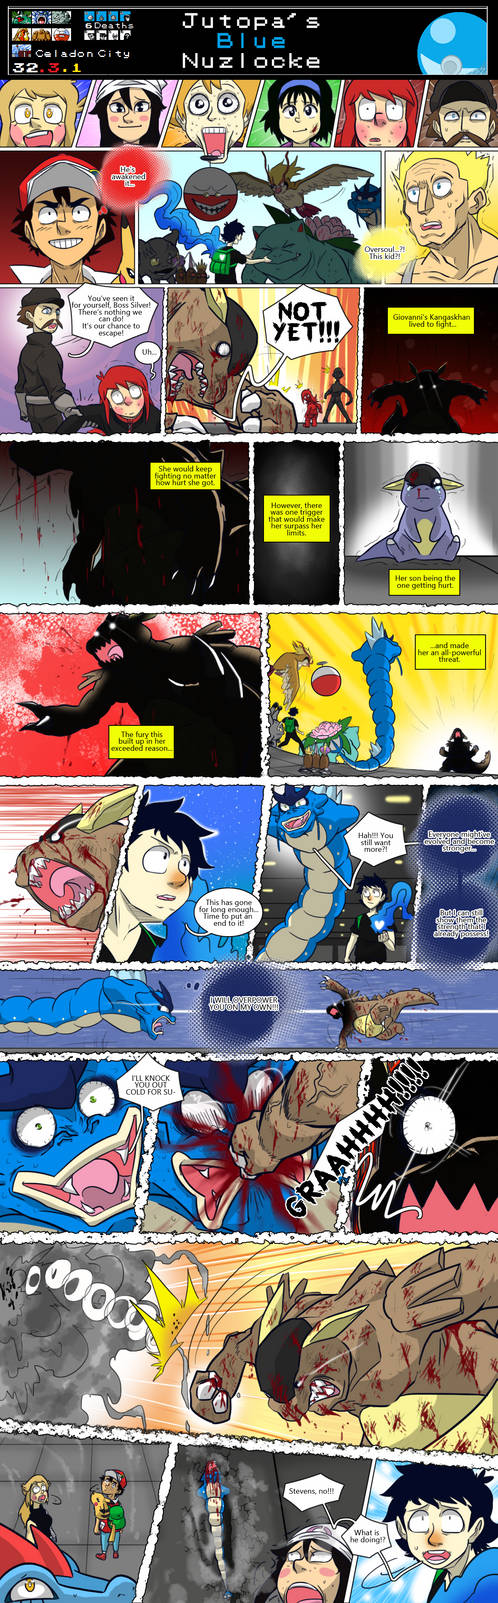 Jutopa's Blue Nuzlocke Chapter 32 - Page 3.1 by Jutopa